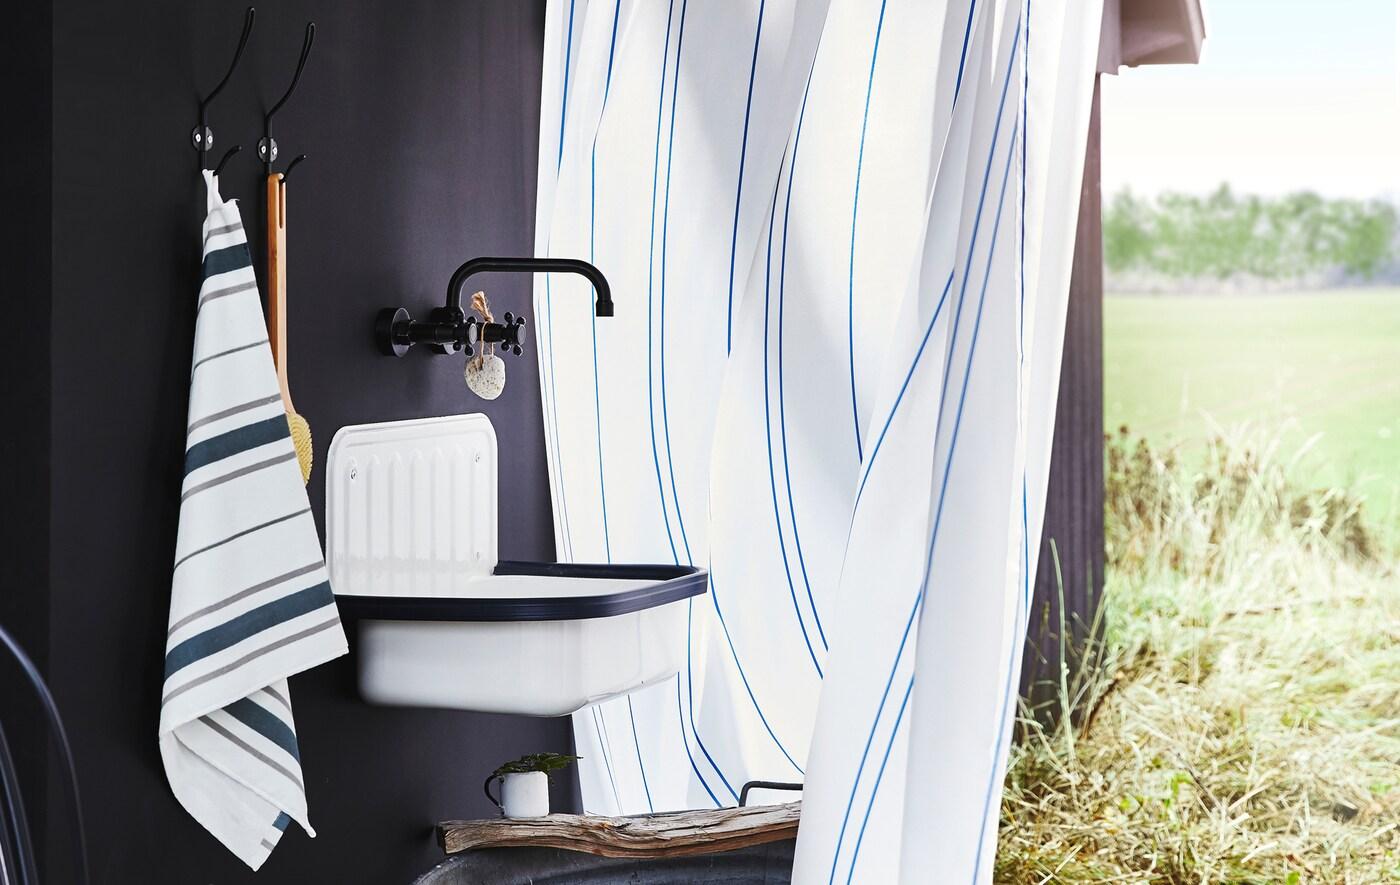 Una toalla, ganchos, un lavabo y un grifo en una pared negra, con un campo detrás de una cortina de ducha a rayas.